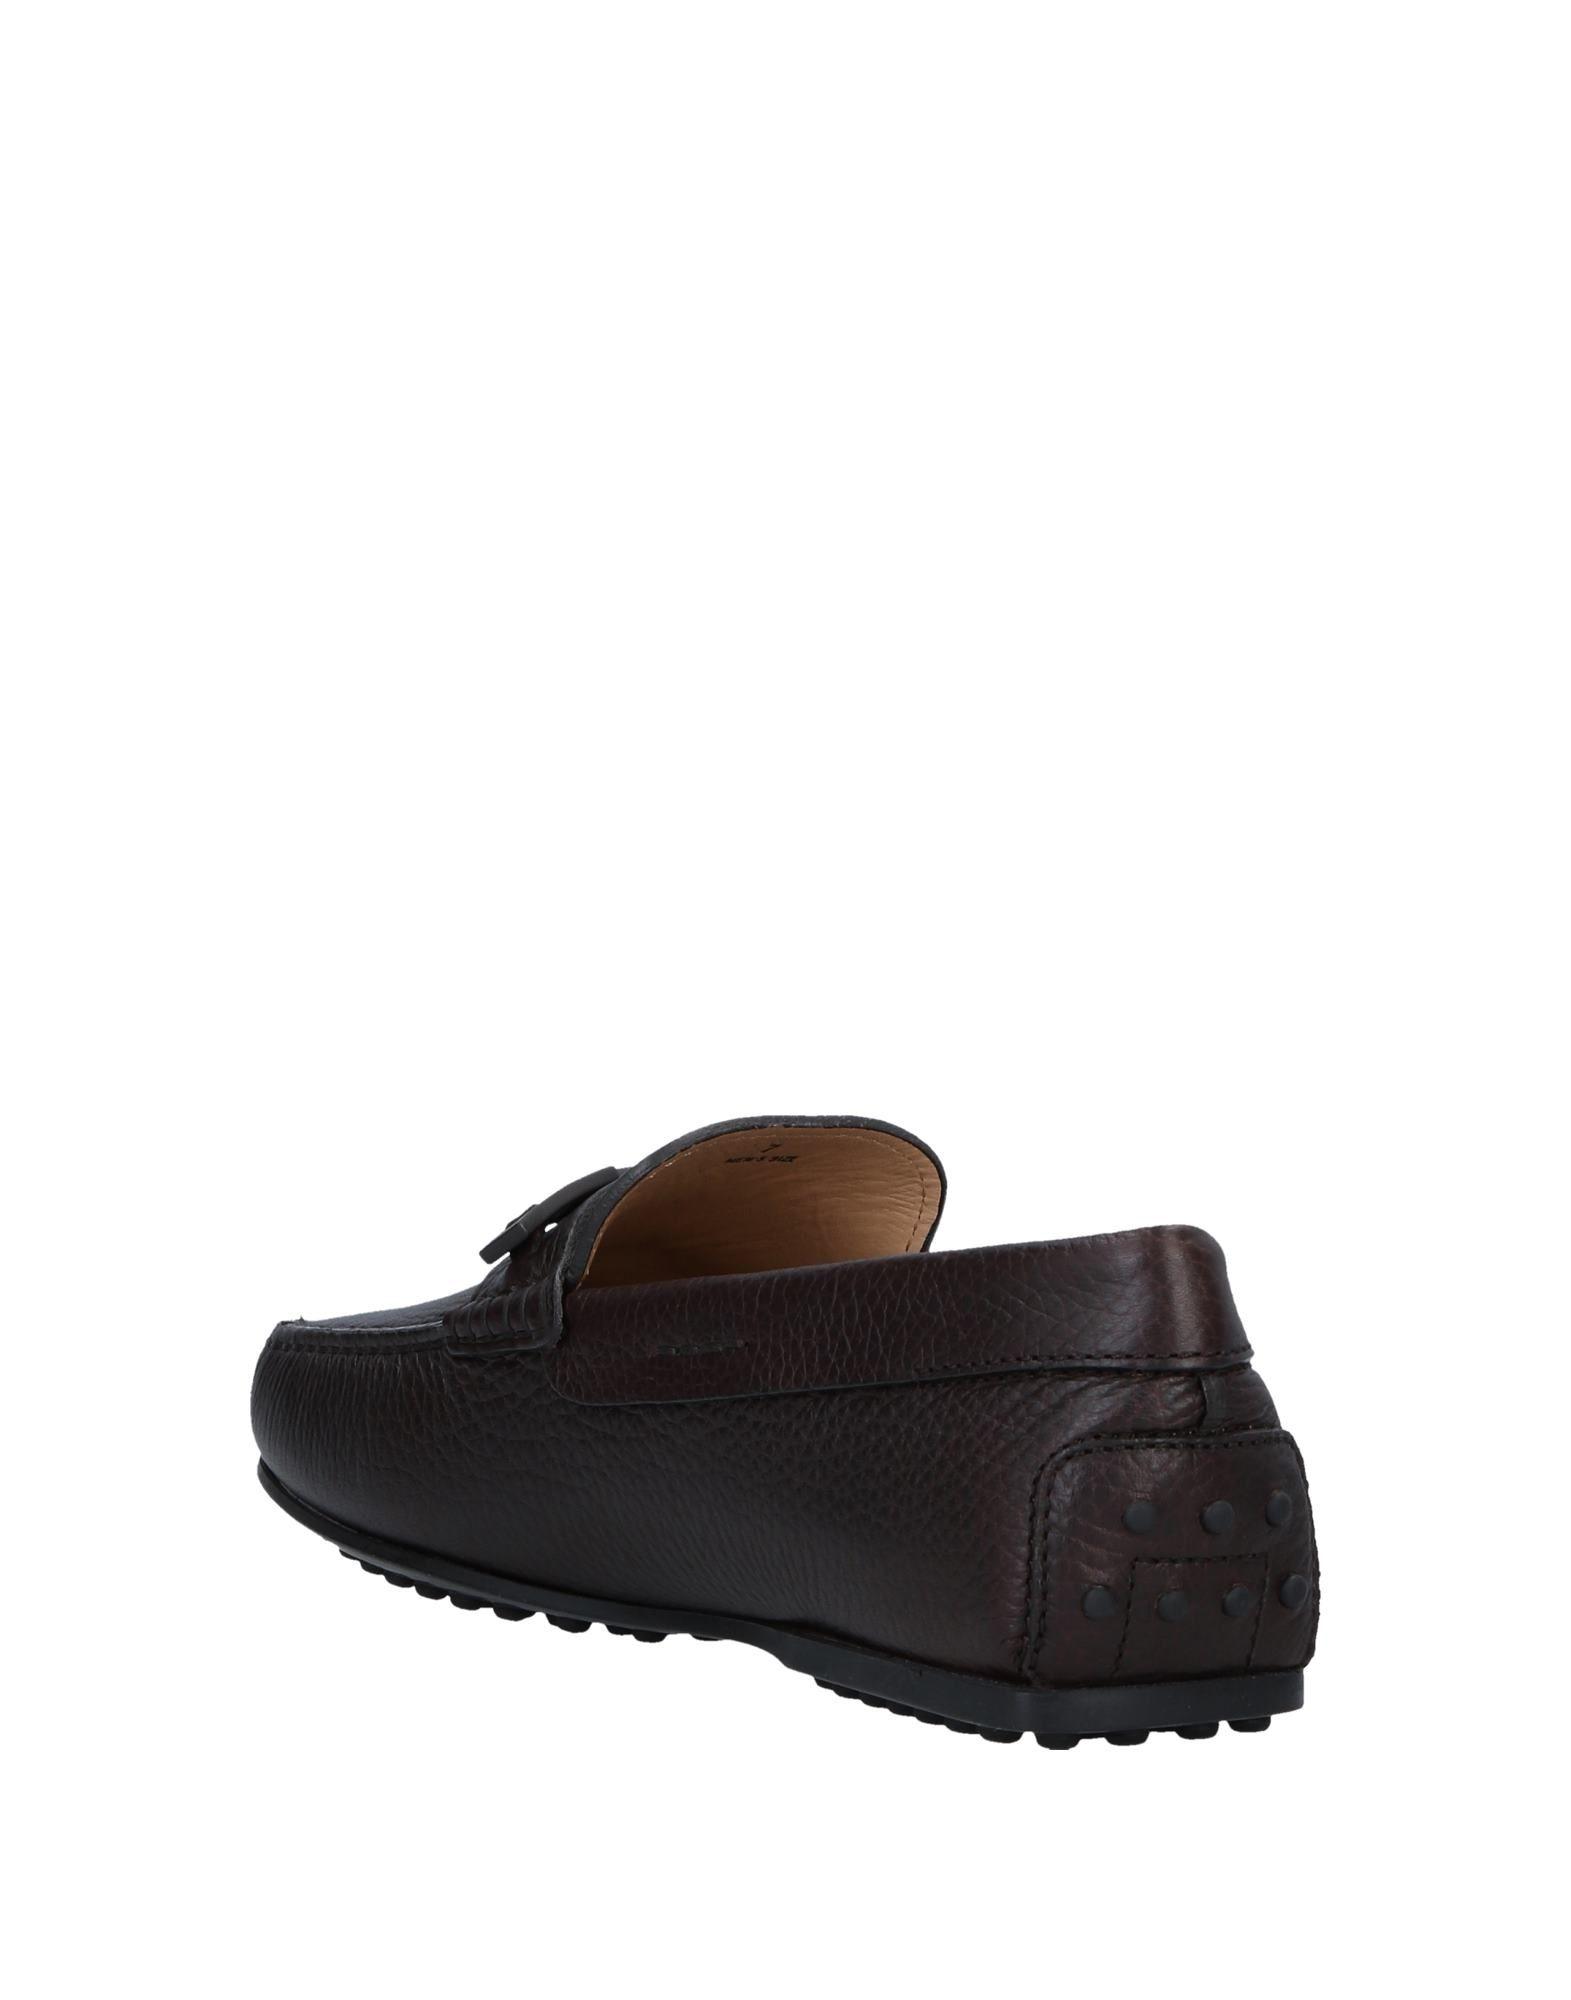 Tod's Gute Mokassins Herren  11542945VC Gute Tod's Qualität beliebte Schuhe 559218